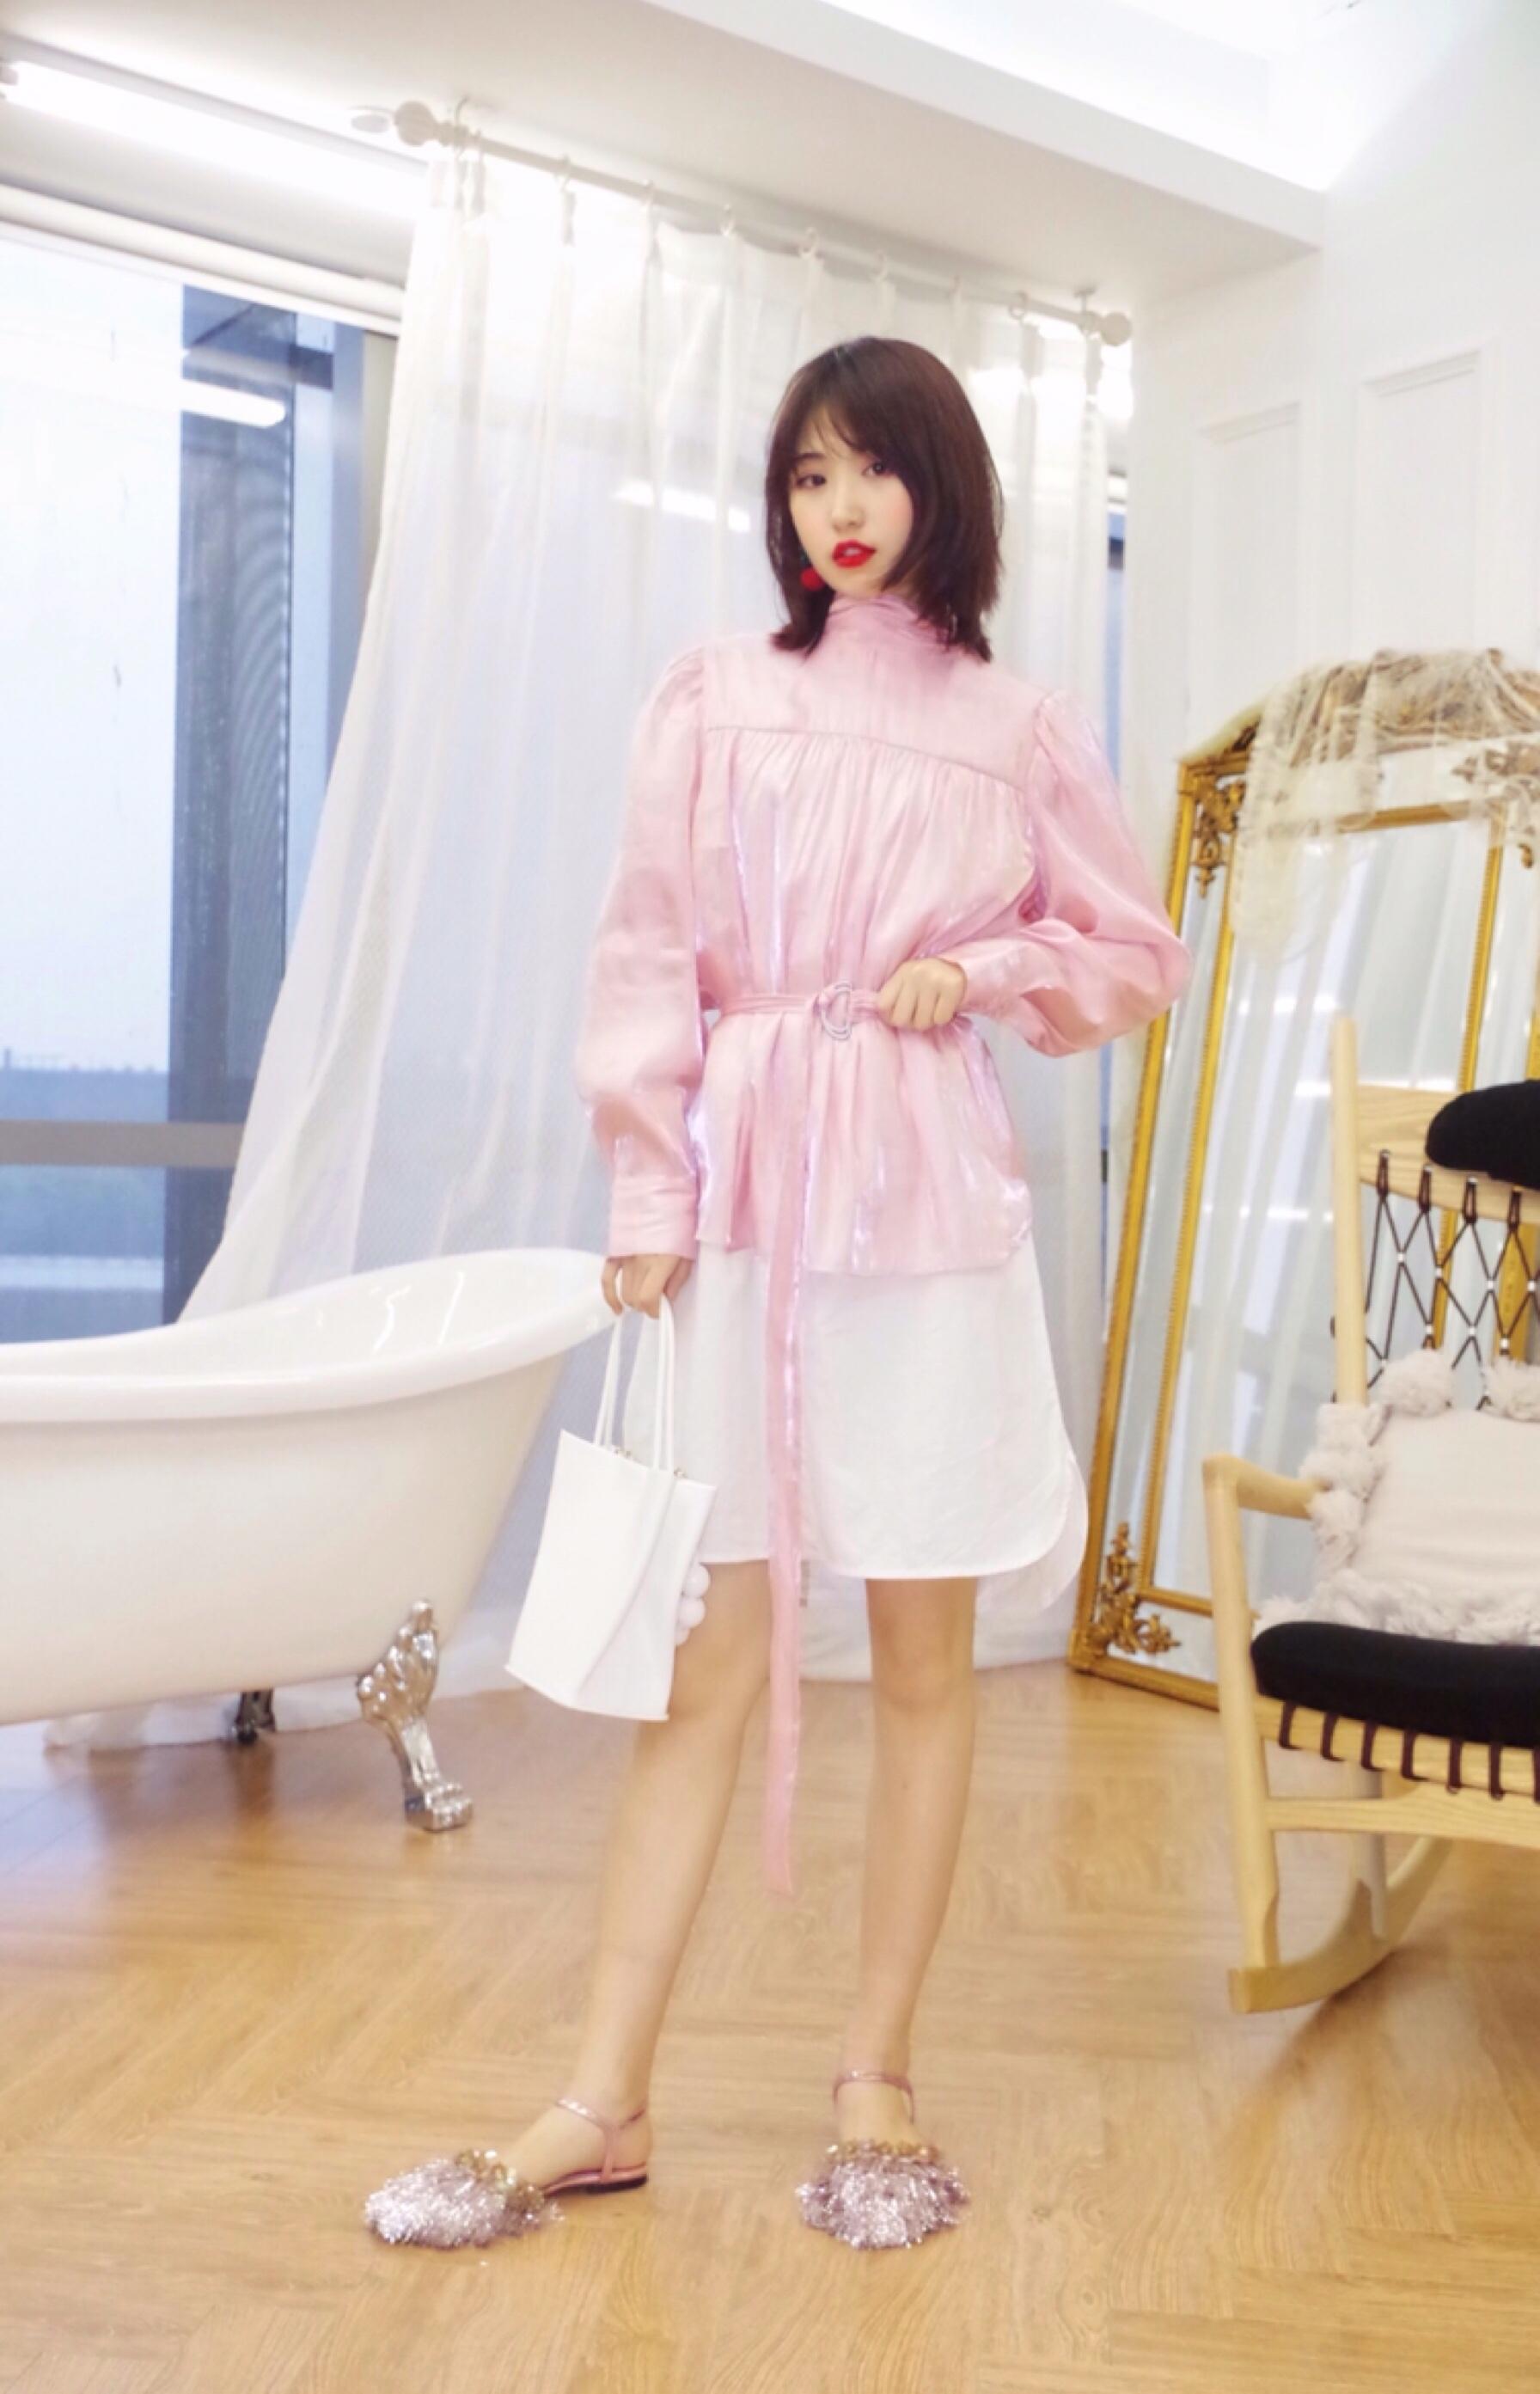 #红到发紫的YOUPPIE 3.2上新# 💖淡粉色丝质衬衣 内搭一件白色衬衫裙 粉色腰带凸显腰线 拉长身材比例 鞋子是亮闪闪的平底凉鞋 更增添少女可爱感~